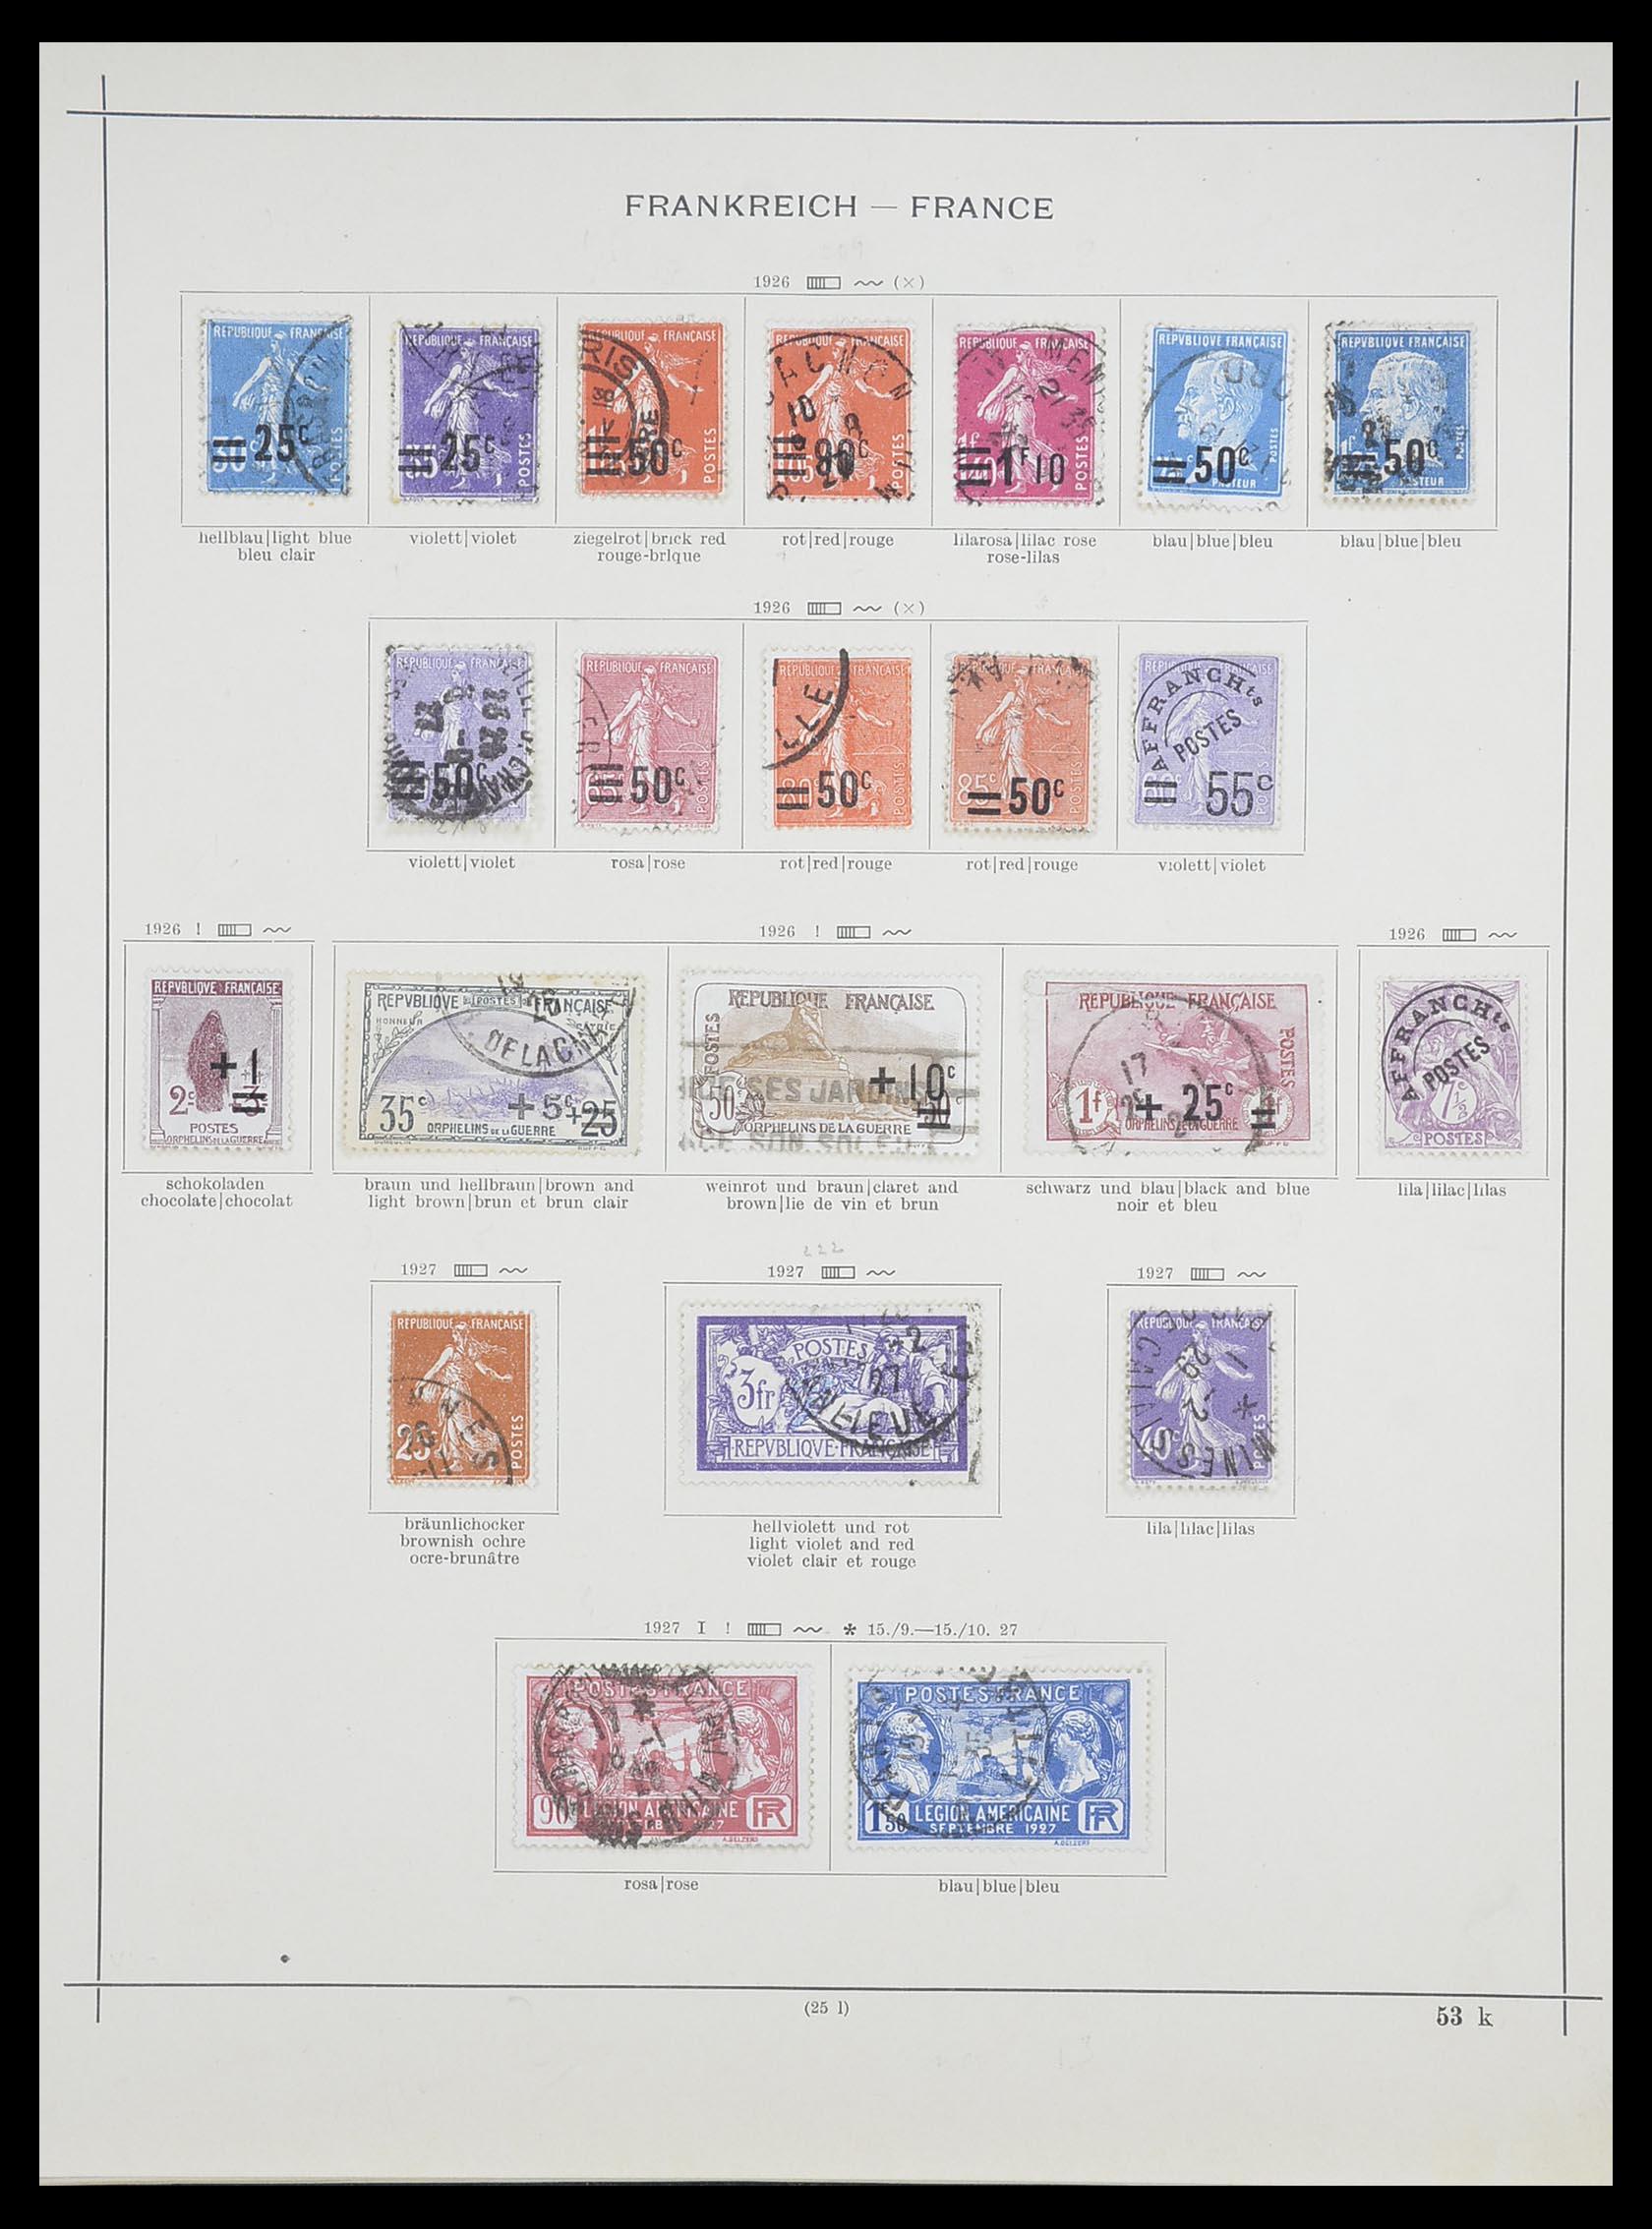 33919 011 - Postzegelverzameling 33919 Frankrijk 1849-1946.